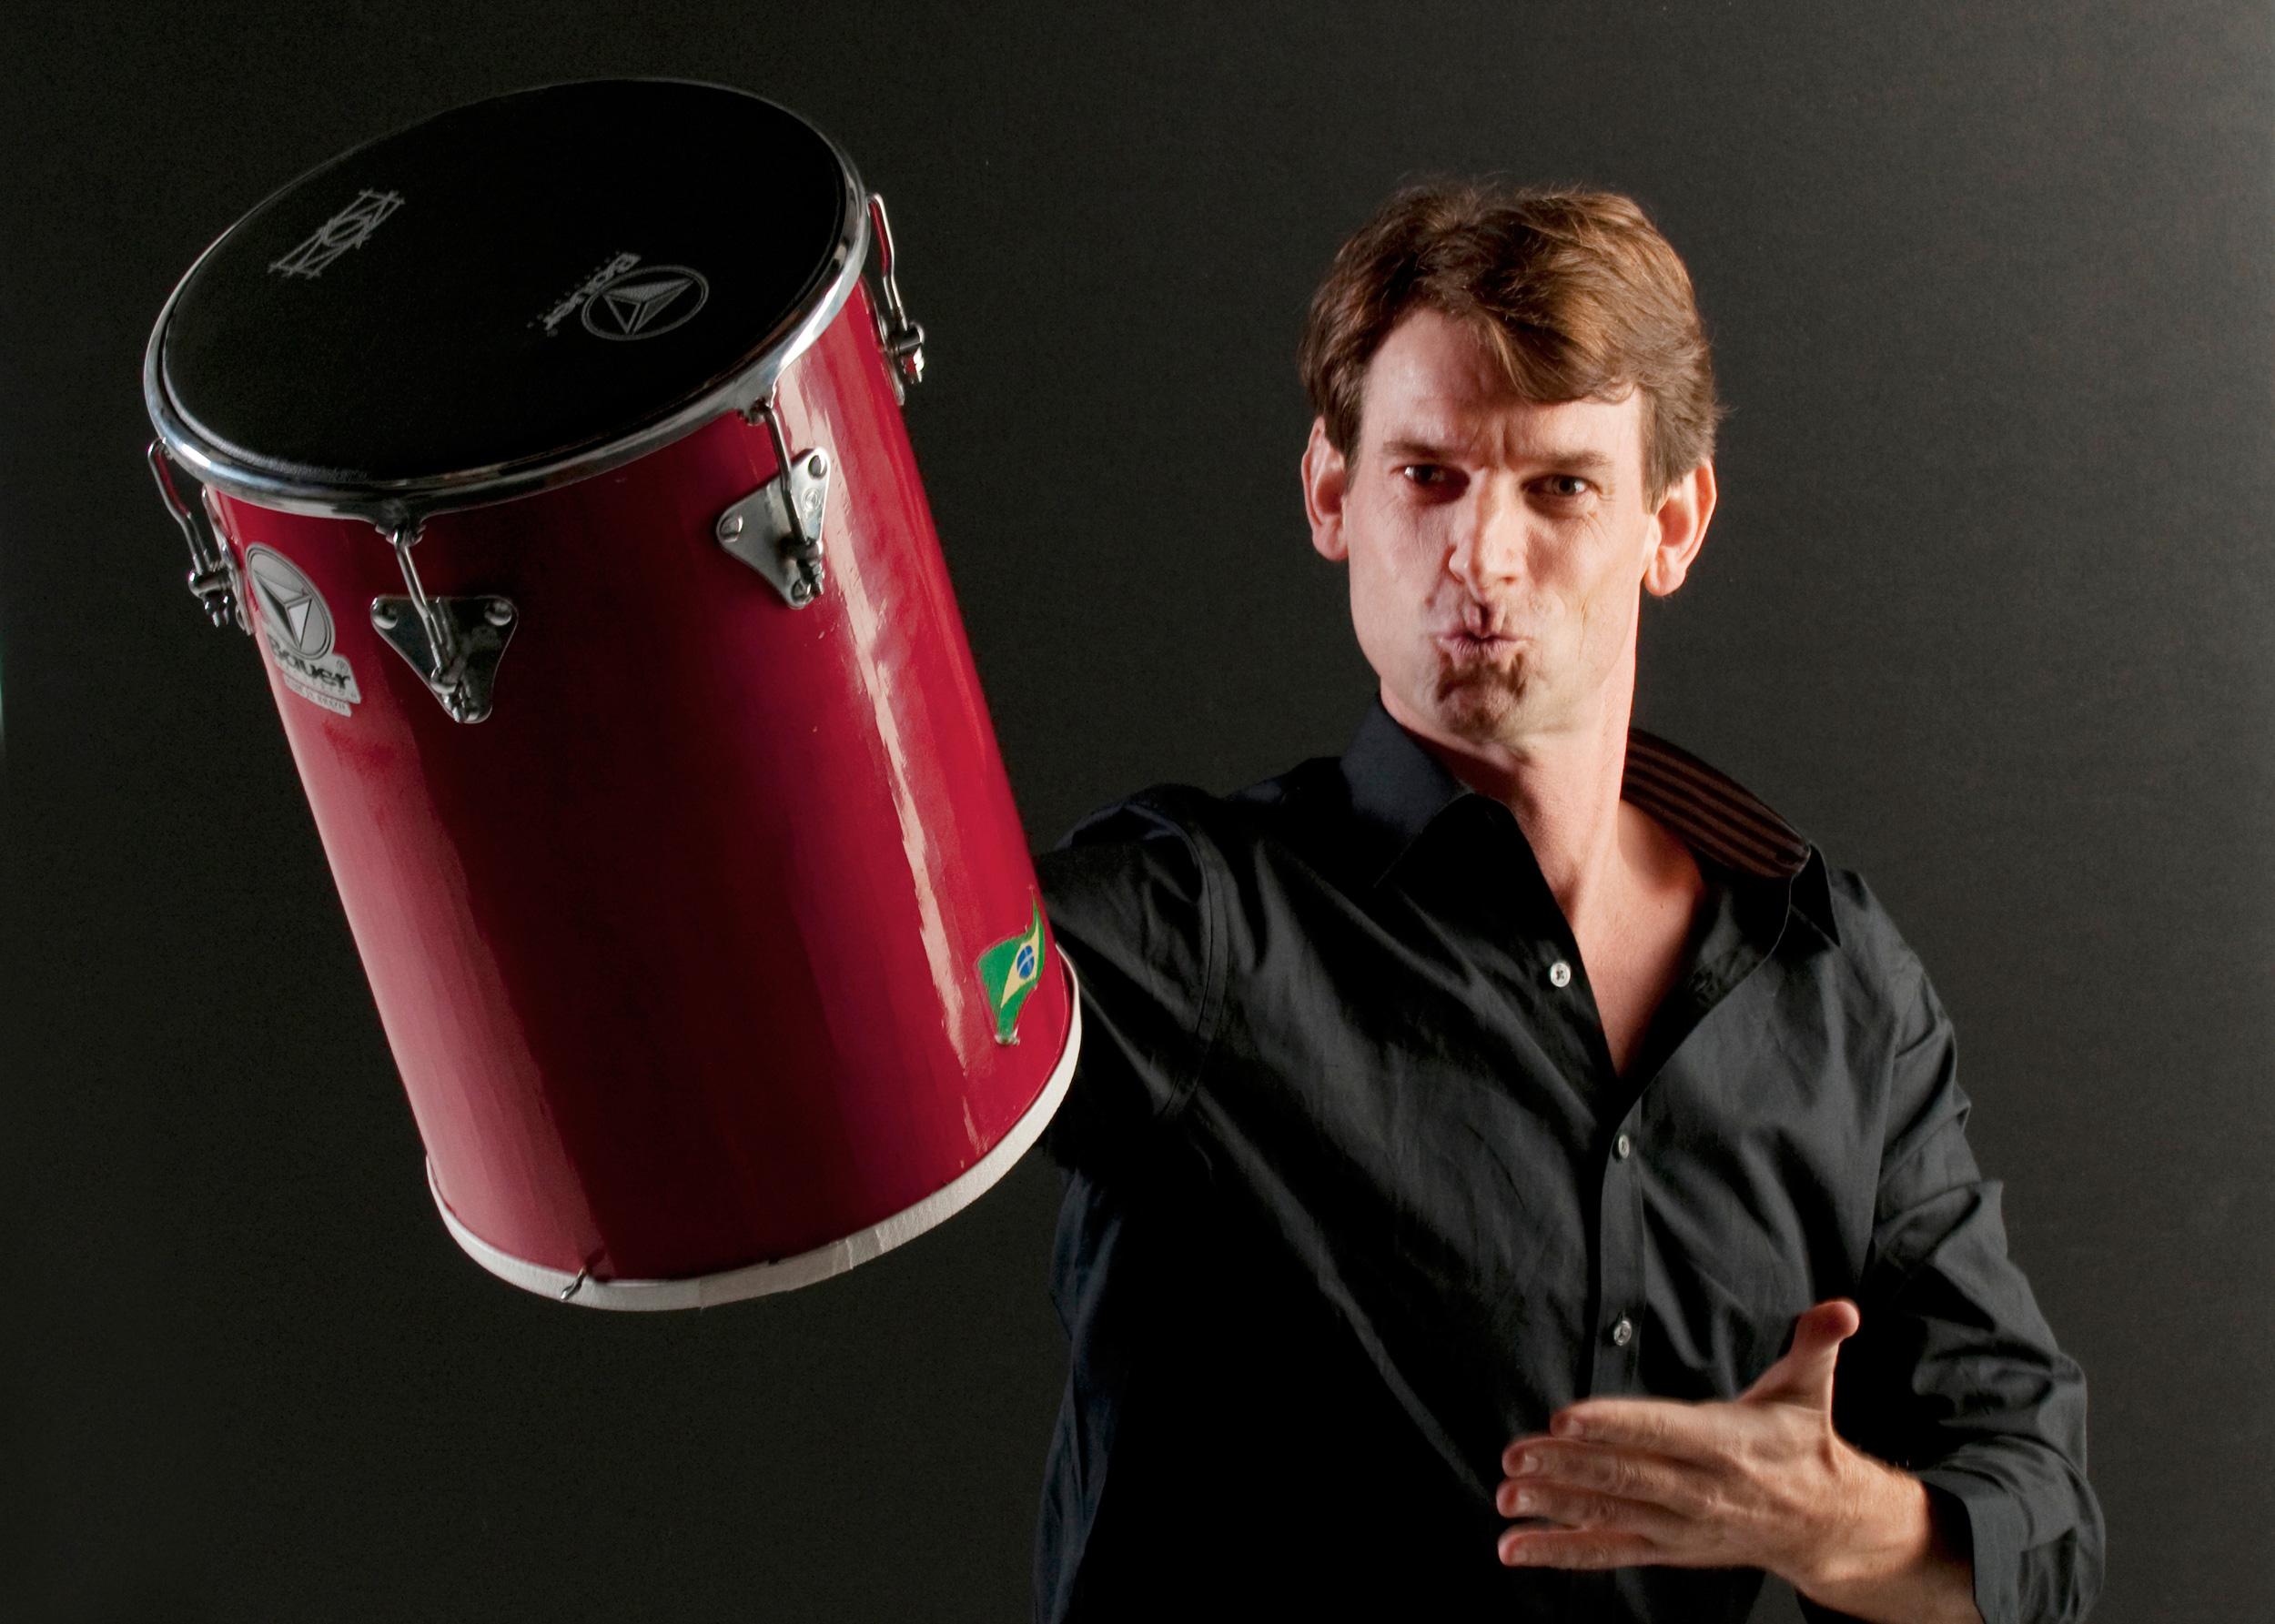 solo-percussionist